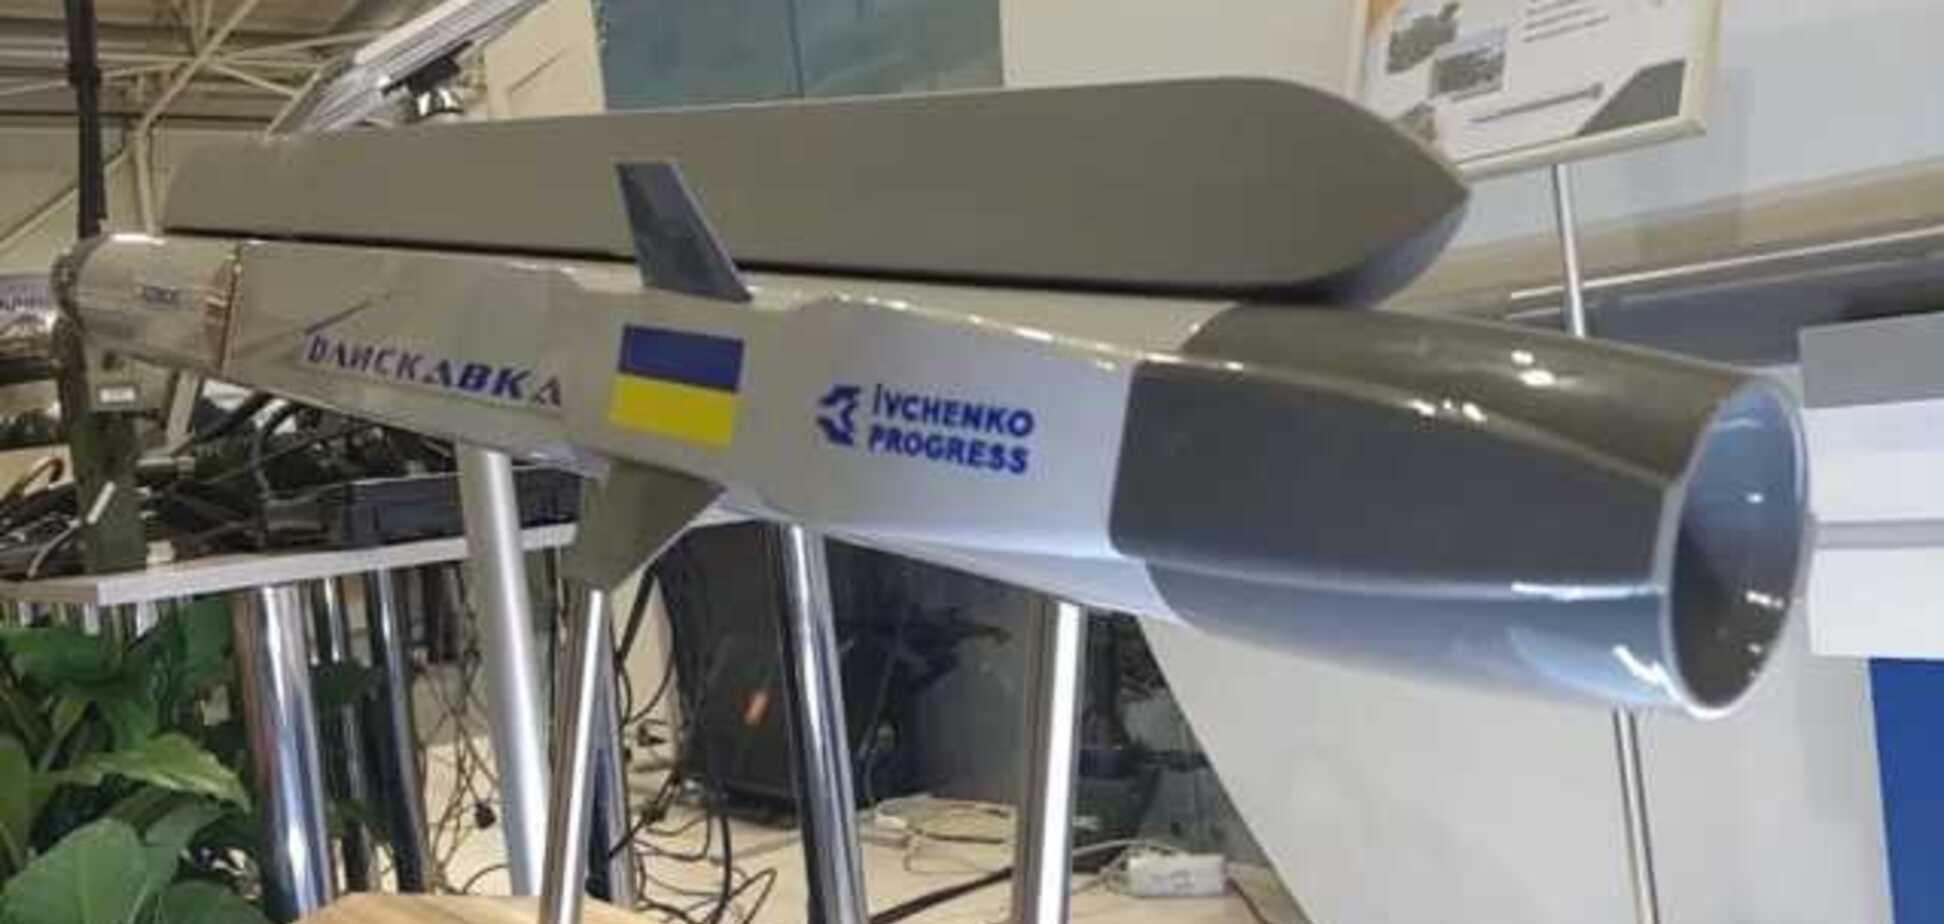 'Спасения нет': озвучены характеристики украинской ракеты против РФ